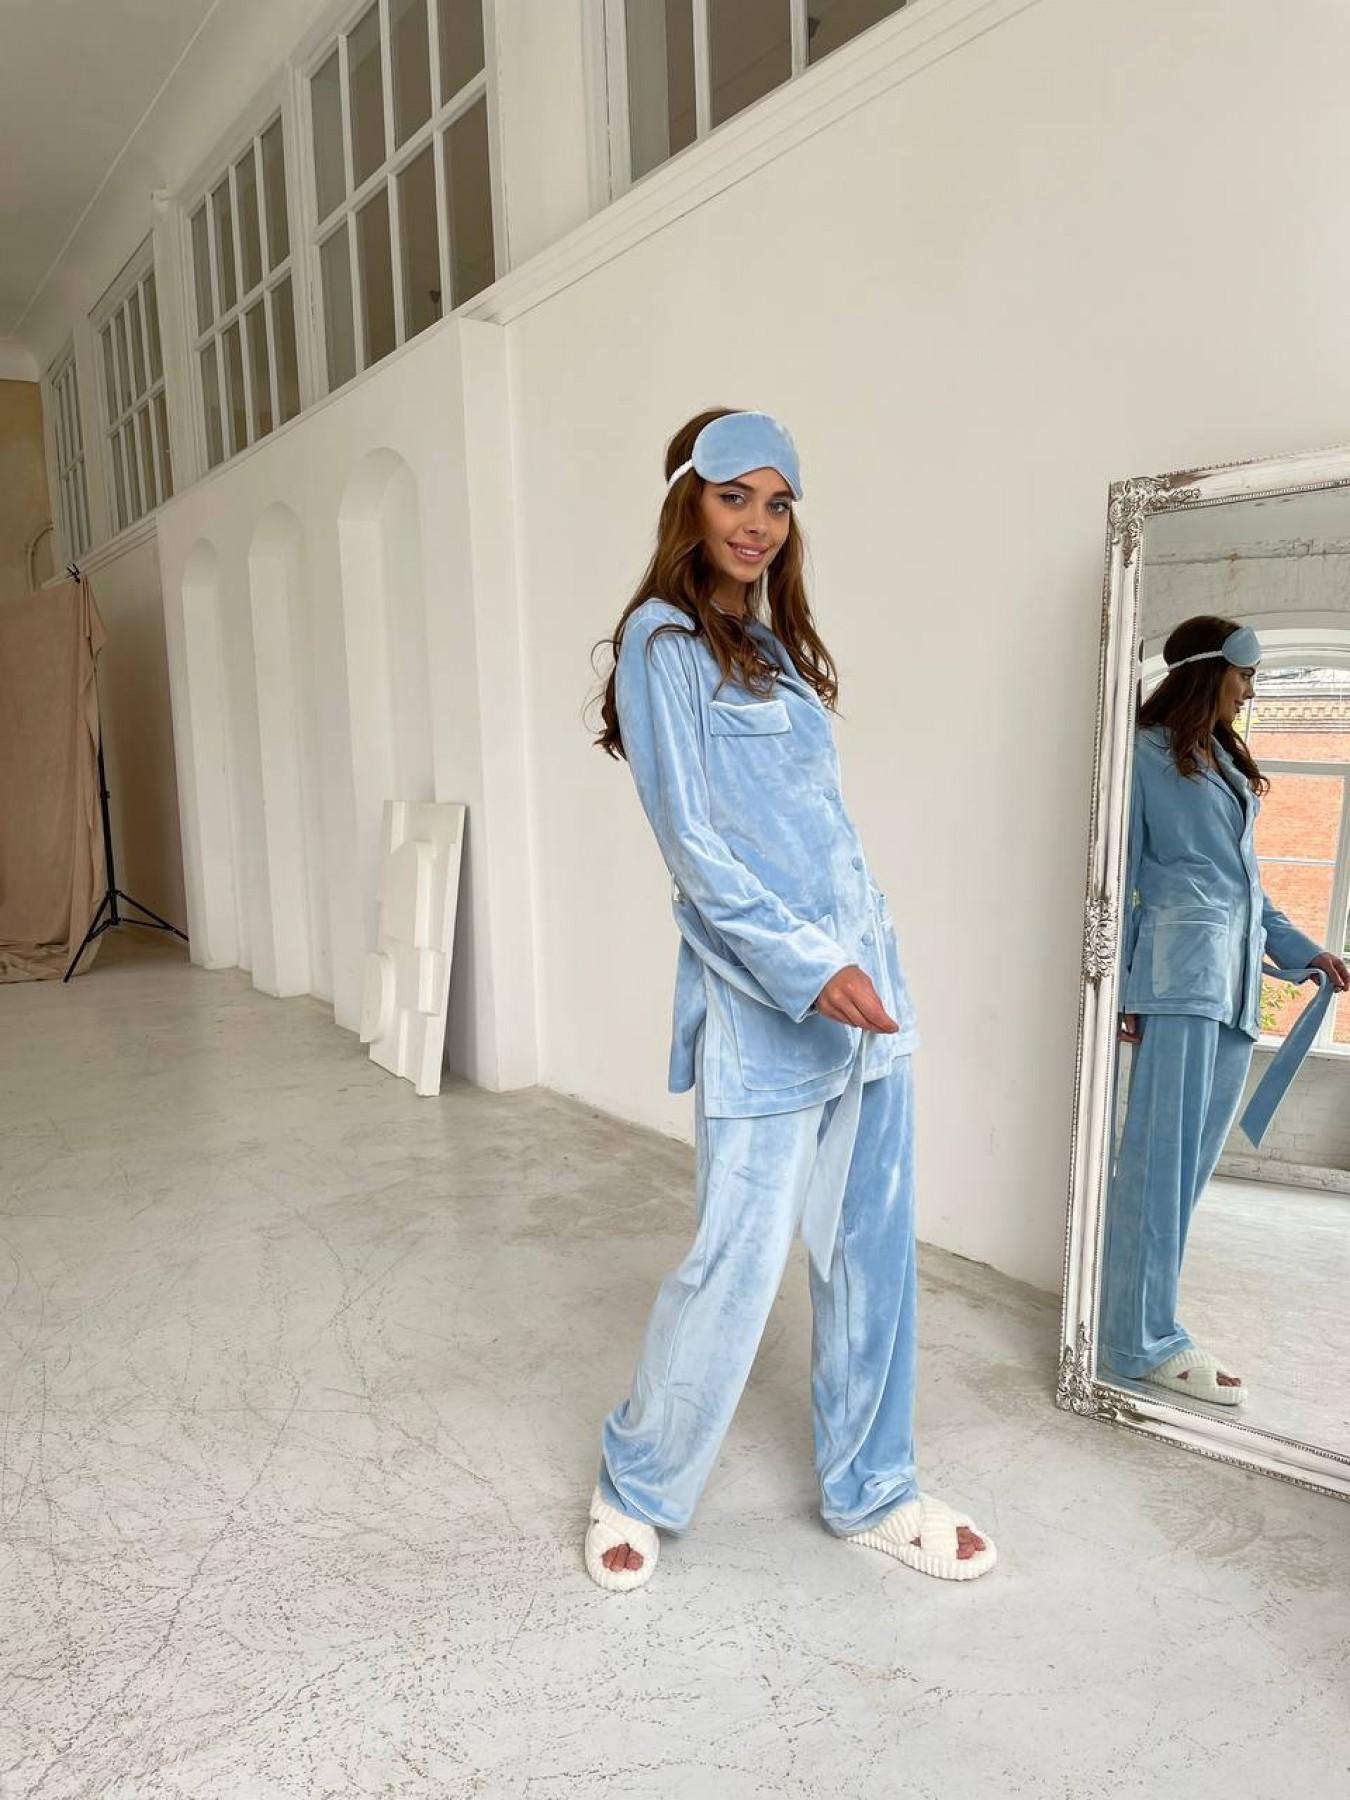 Шайн пижама велюр жакет брюки маска для сна 10353 АРТ. 46717 Цвет: Голубой - фото 2, интернет магазин tm-modus.ru